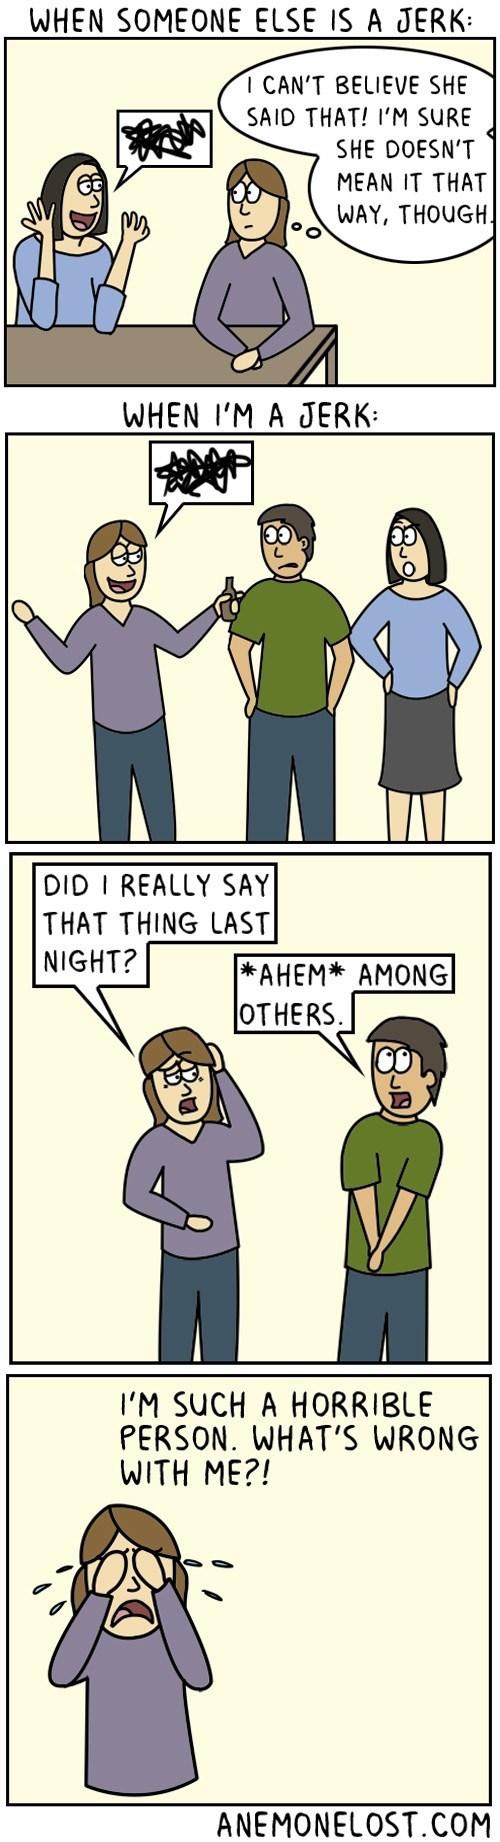 life jerk funny web comics - 8801686528